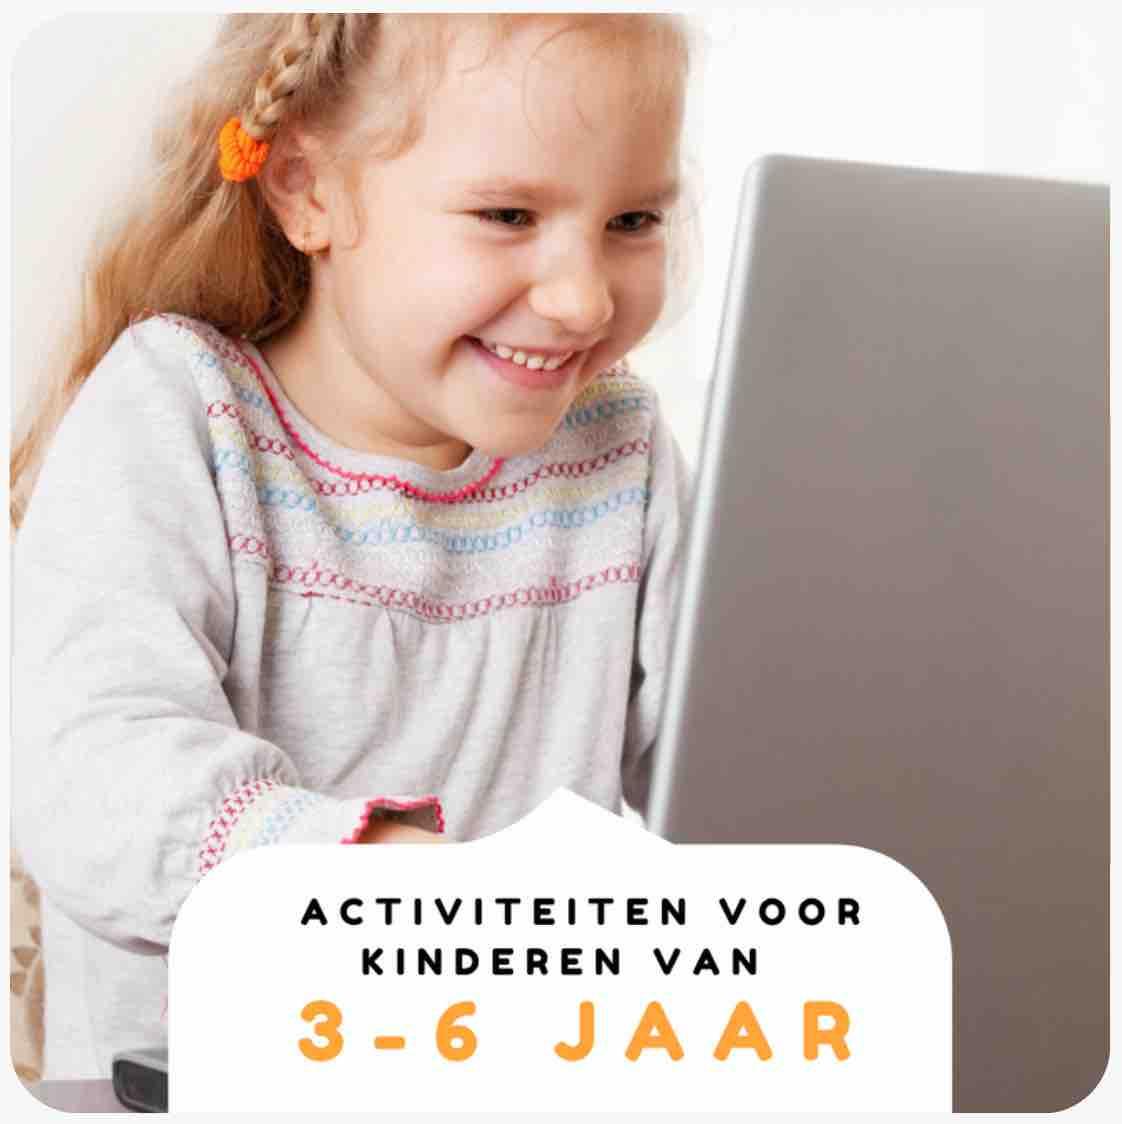 Nederlandstalige activiteiten voor kinderen van 3-6 jaar